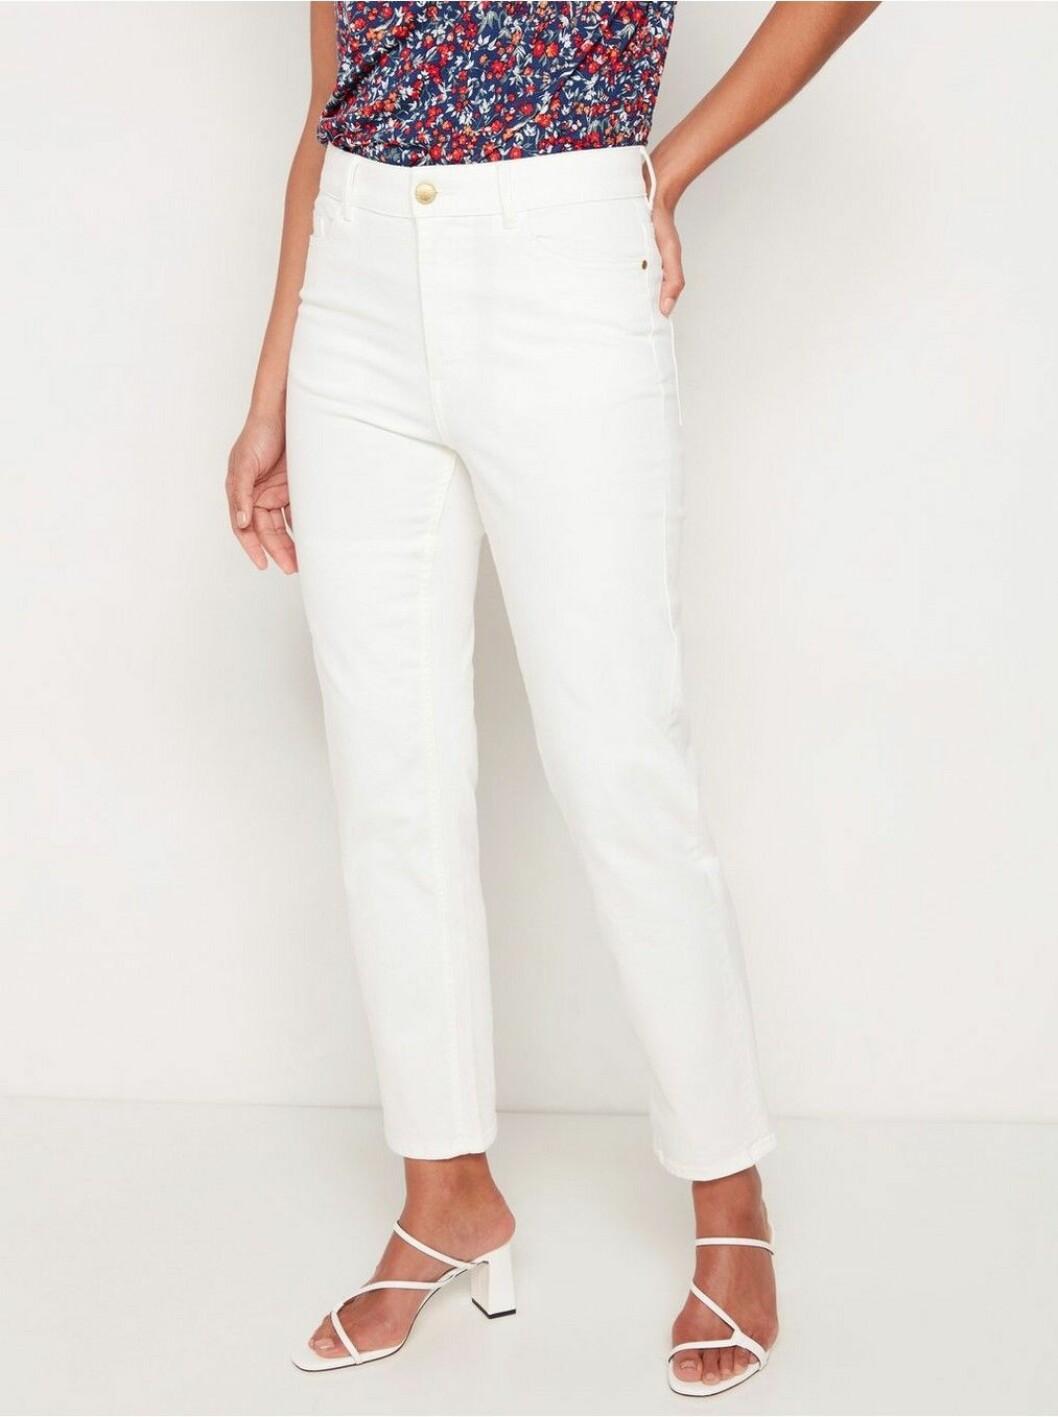 Vita jeans med hög midja till 2020